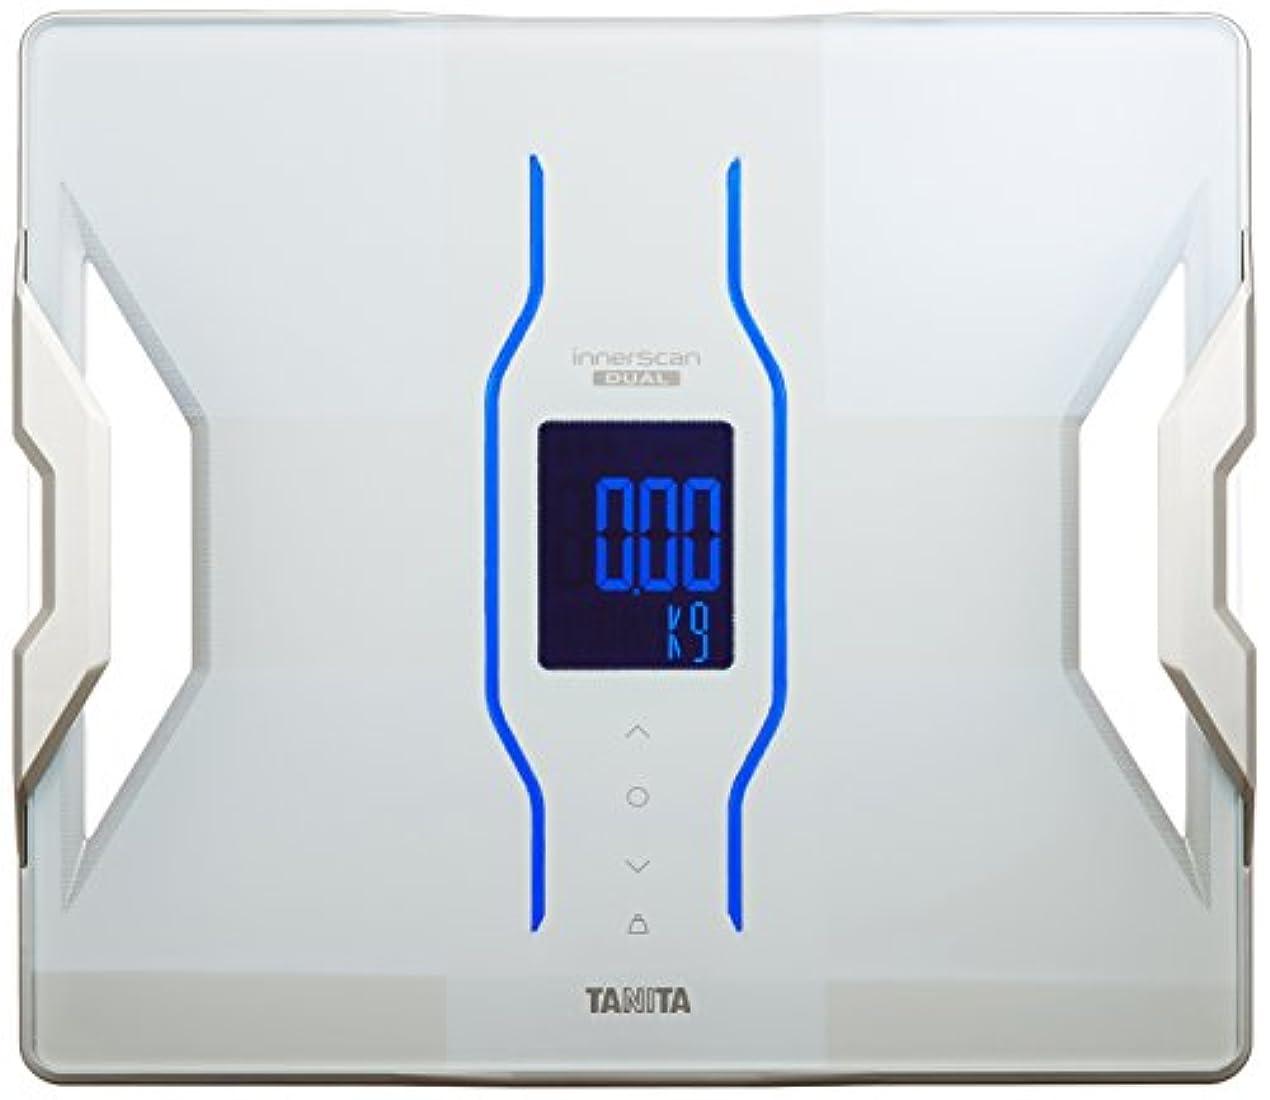 より無視する哀タニタ 体組成計 スマホ 50g 日本製 ホワイト RD-907 WH 医療分野の技術搭載/スマホでデータ管理 インナースキャンデュアル